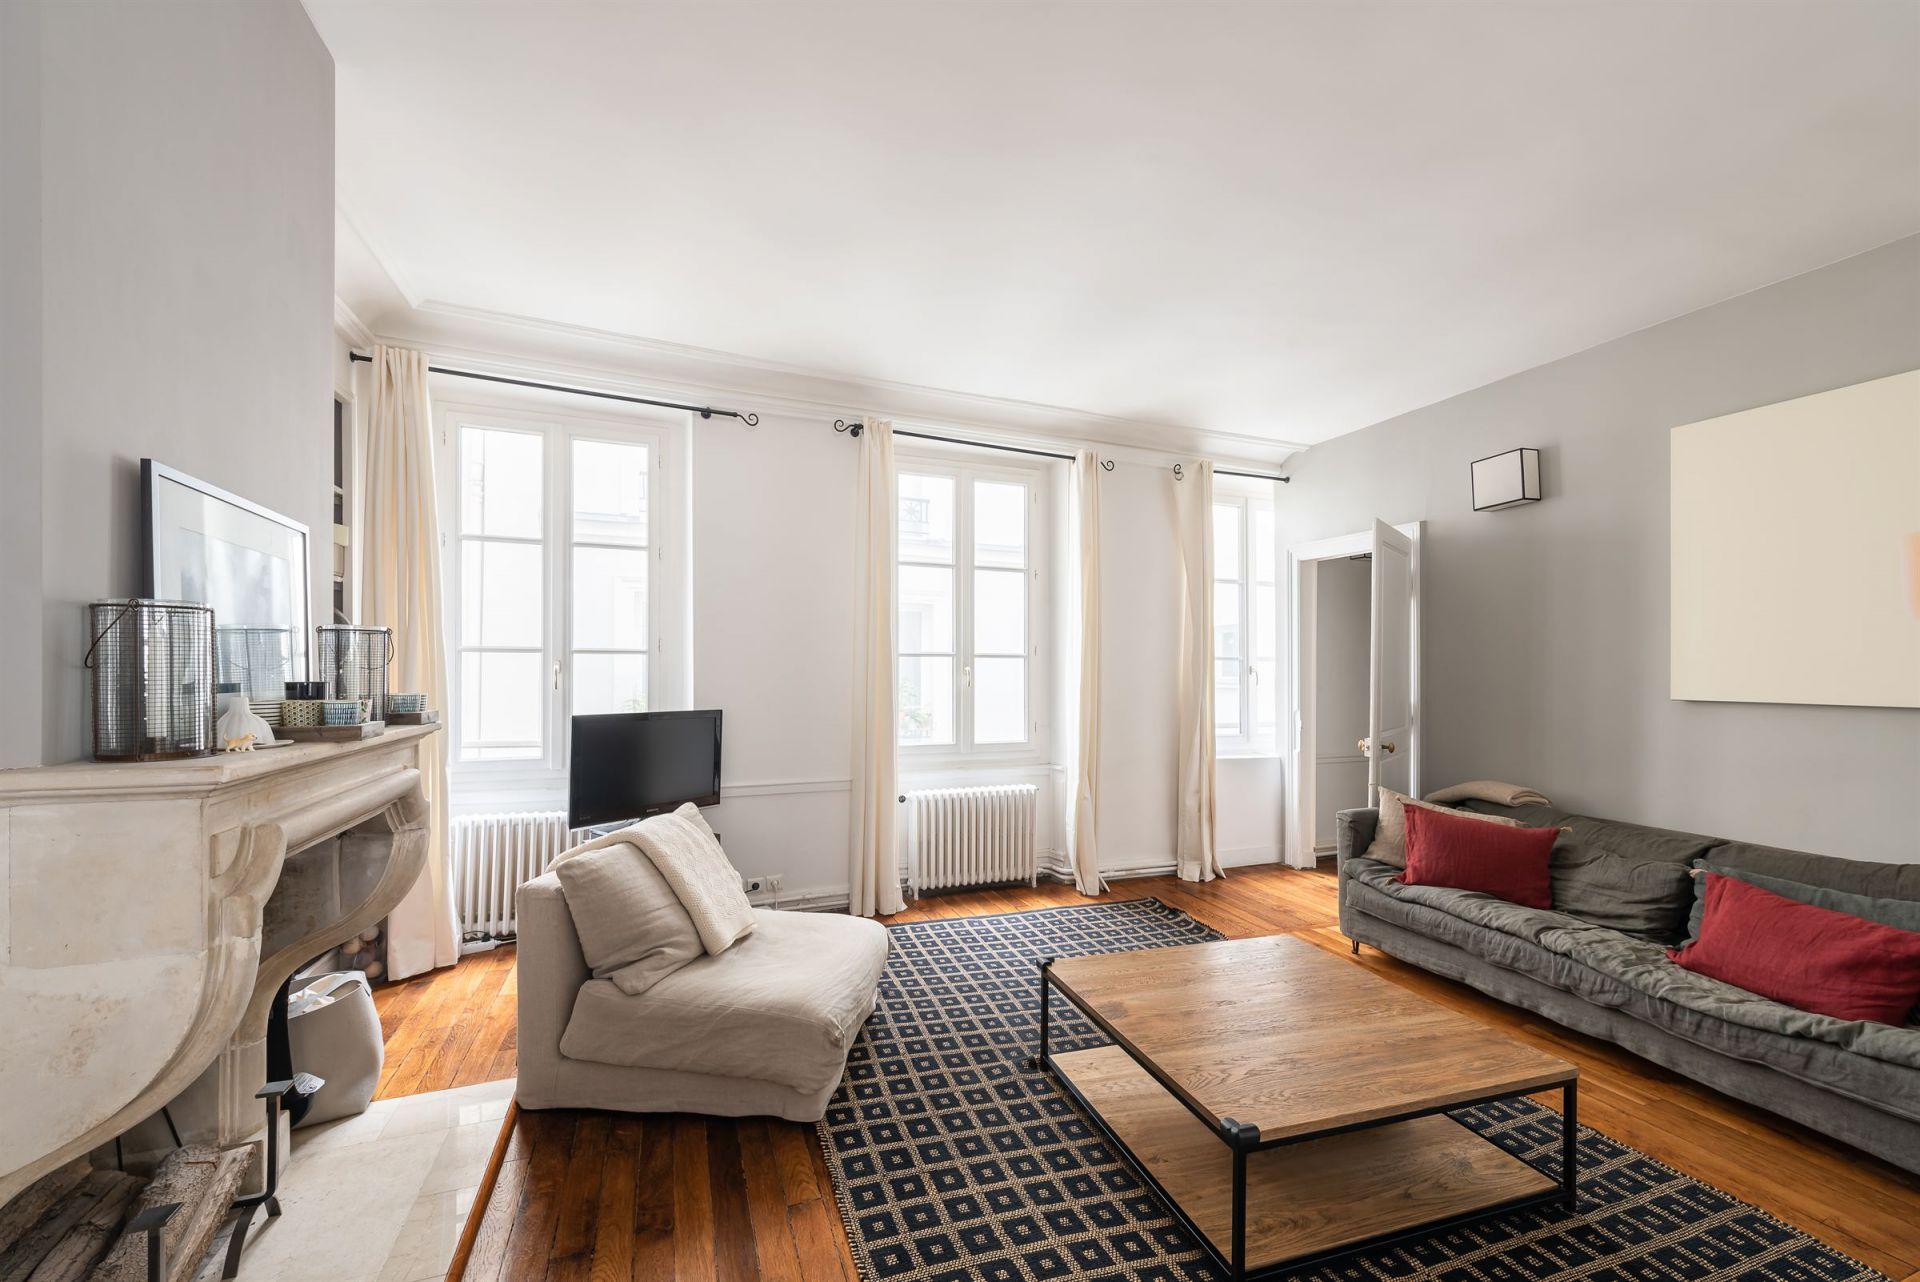 Appart hôtel Paris : connaissez-vous les apparts hôtels ?